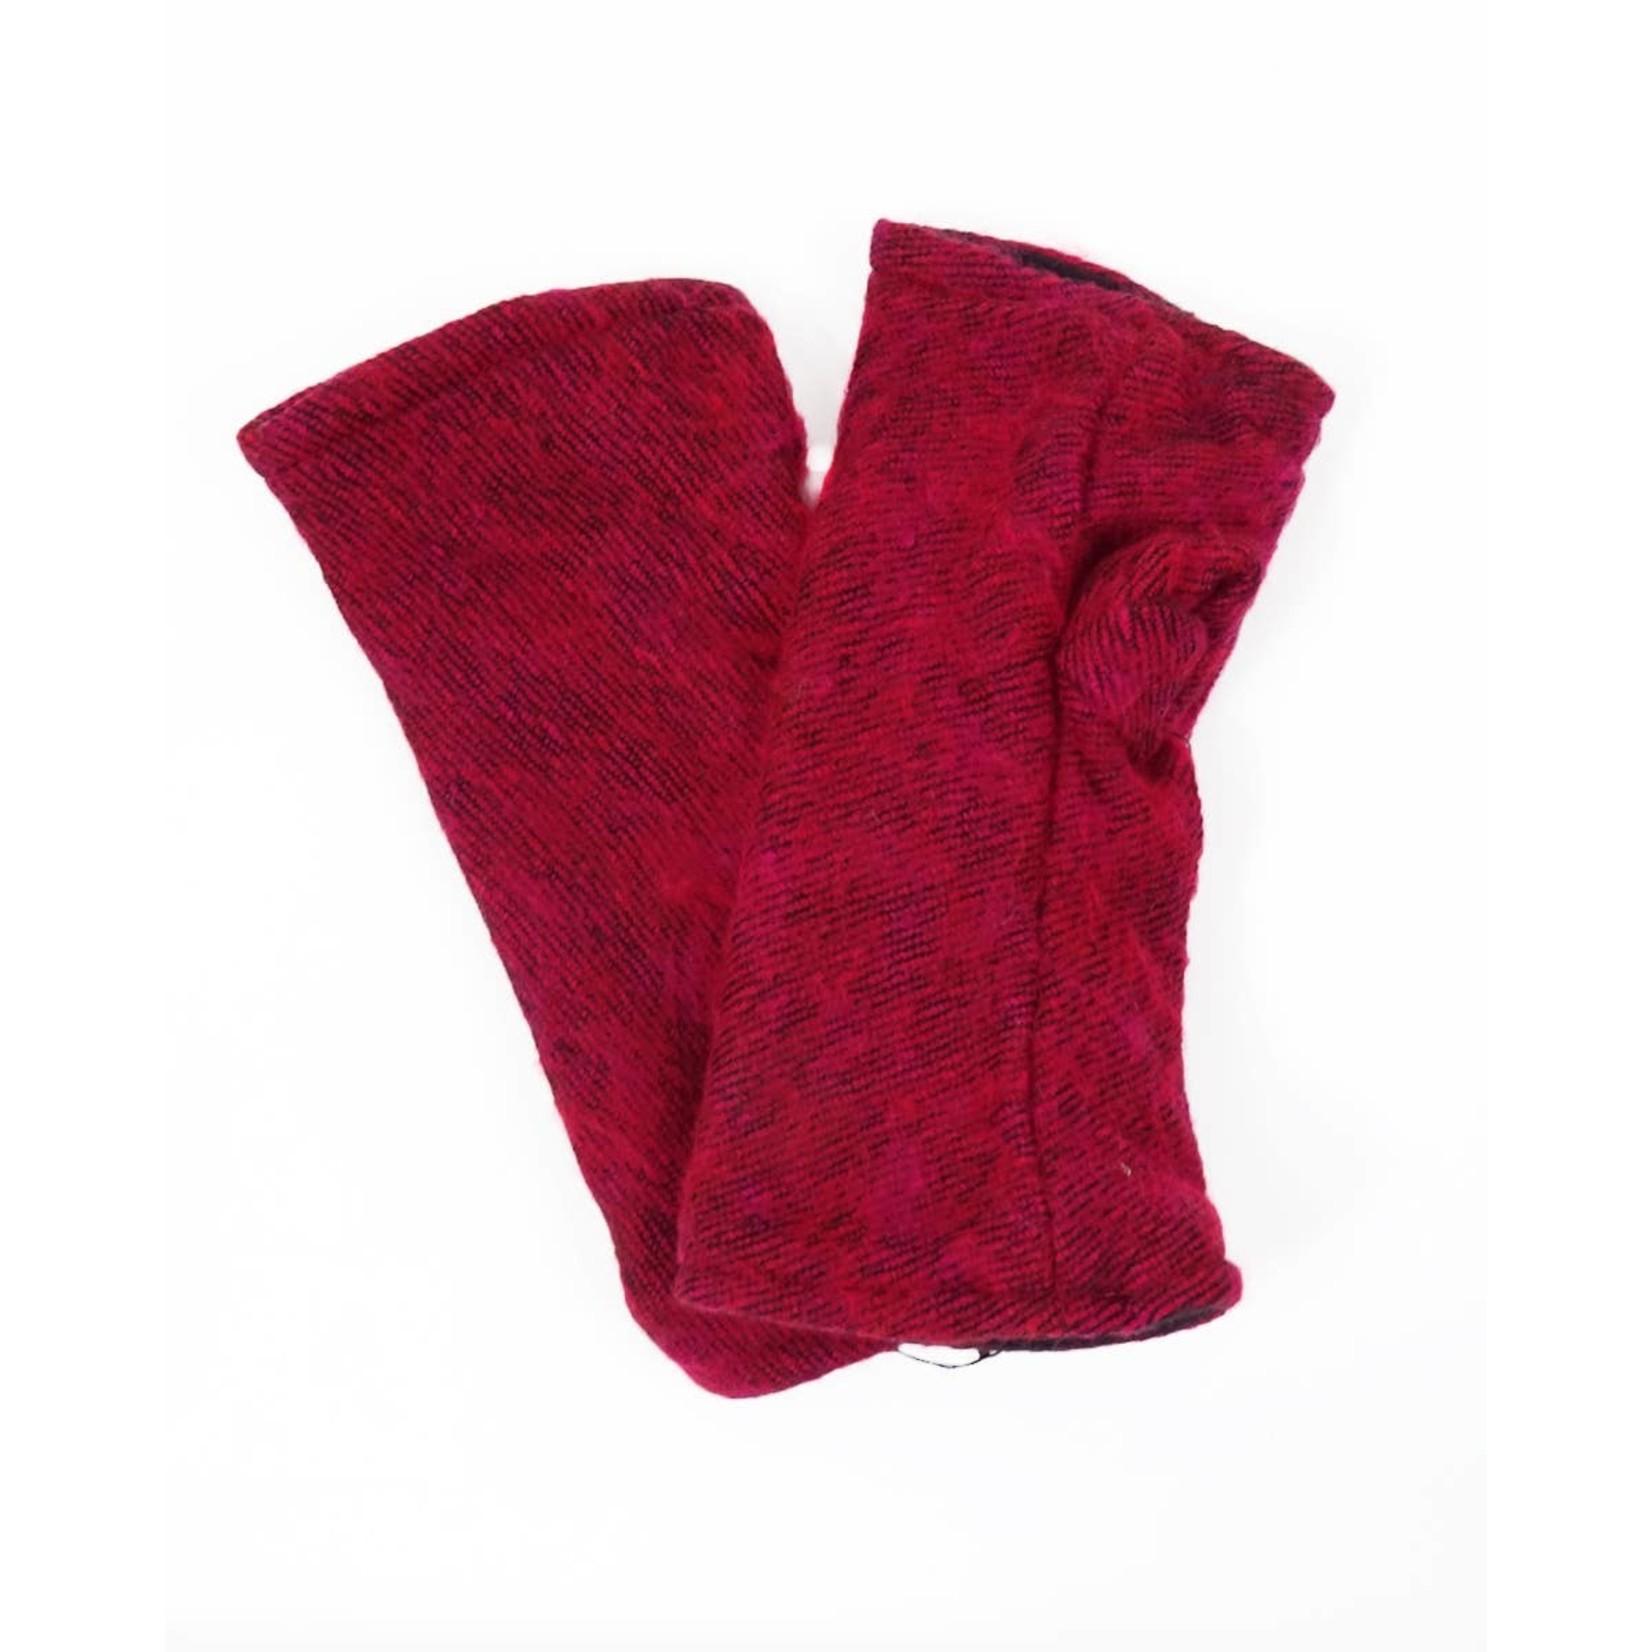 Zig Zag Asian Brushed Woven Fingerless Gloves in Raspberry